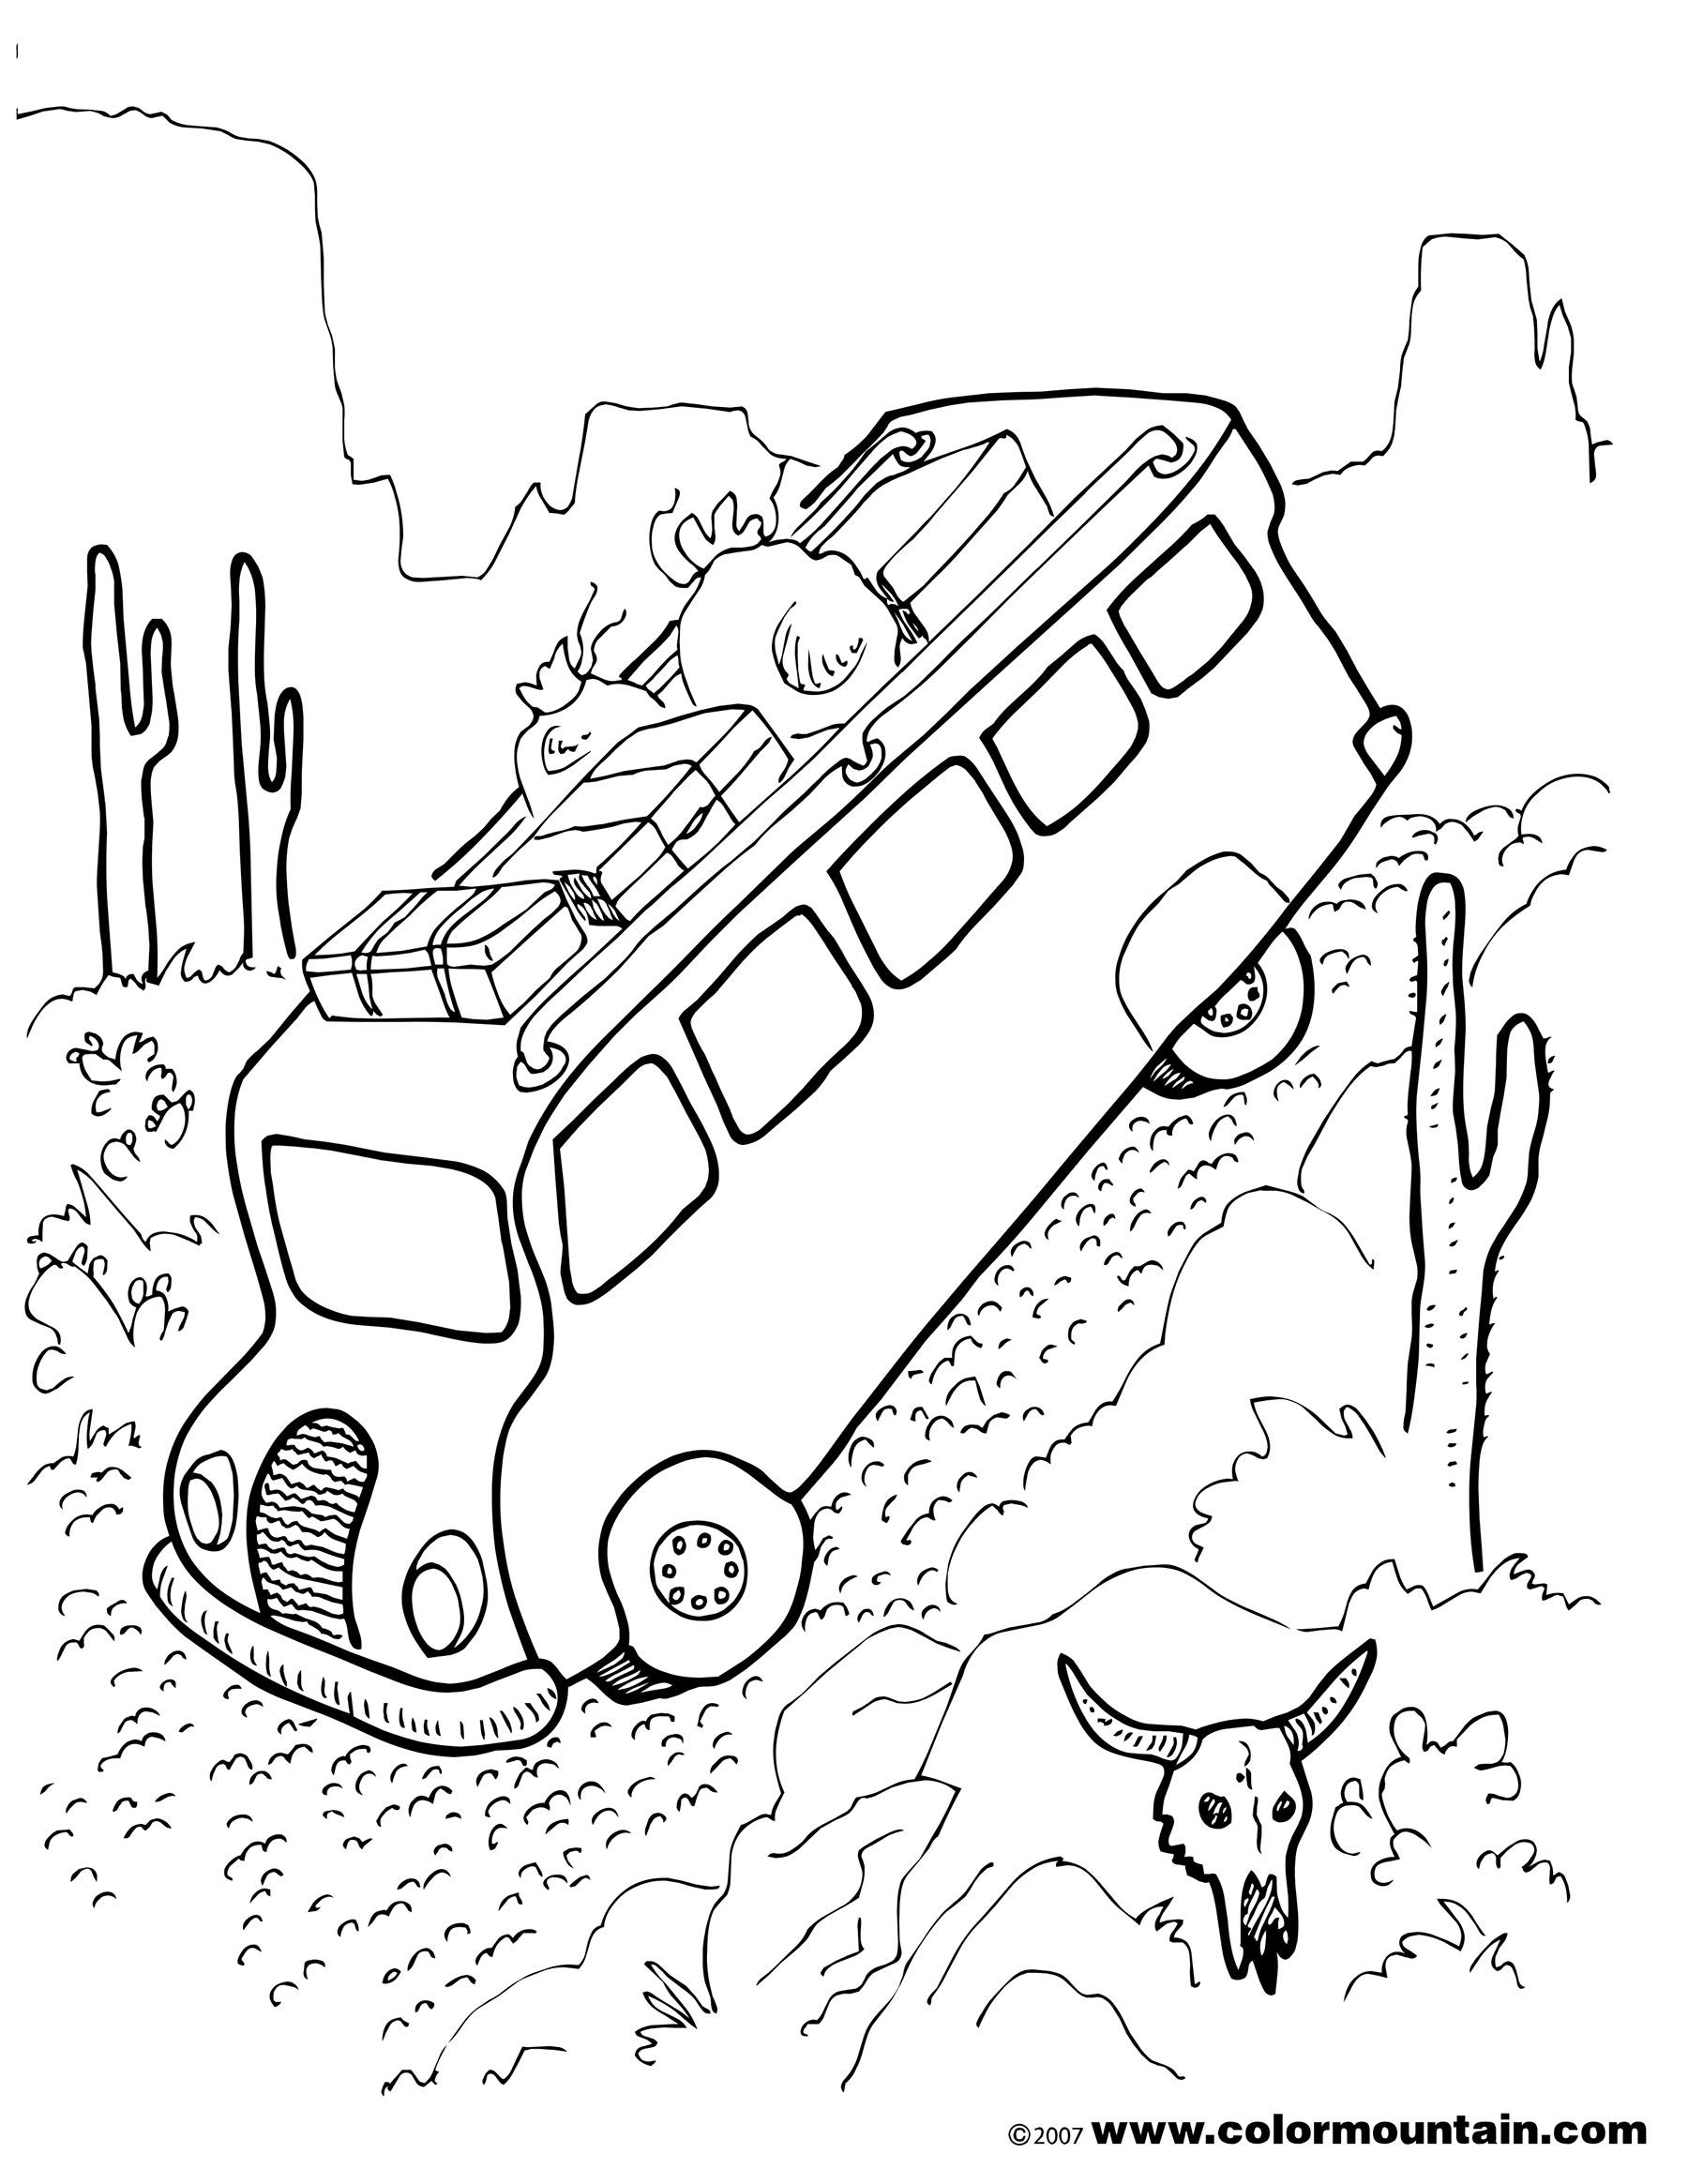 Rv Drawing At Getdrawings